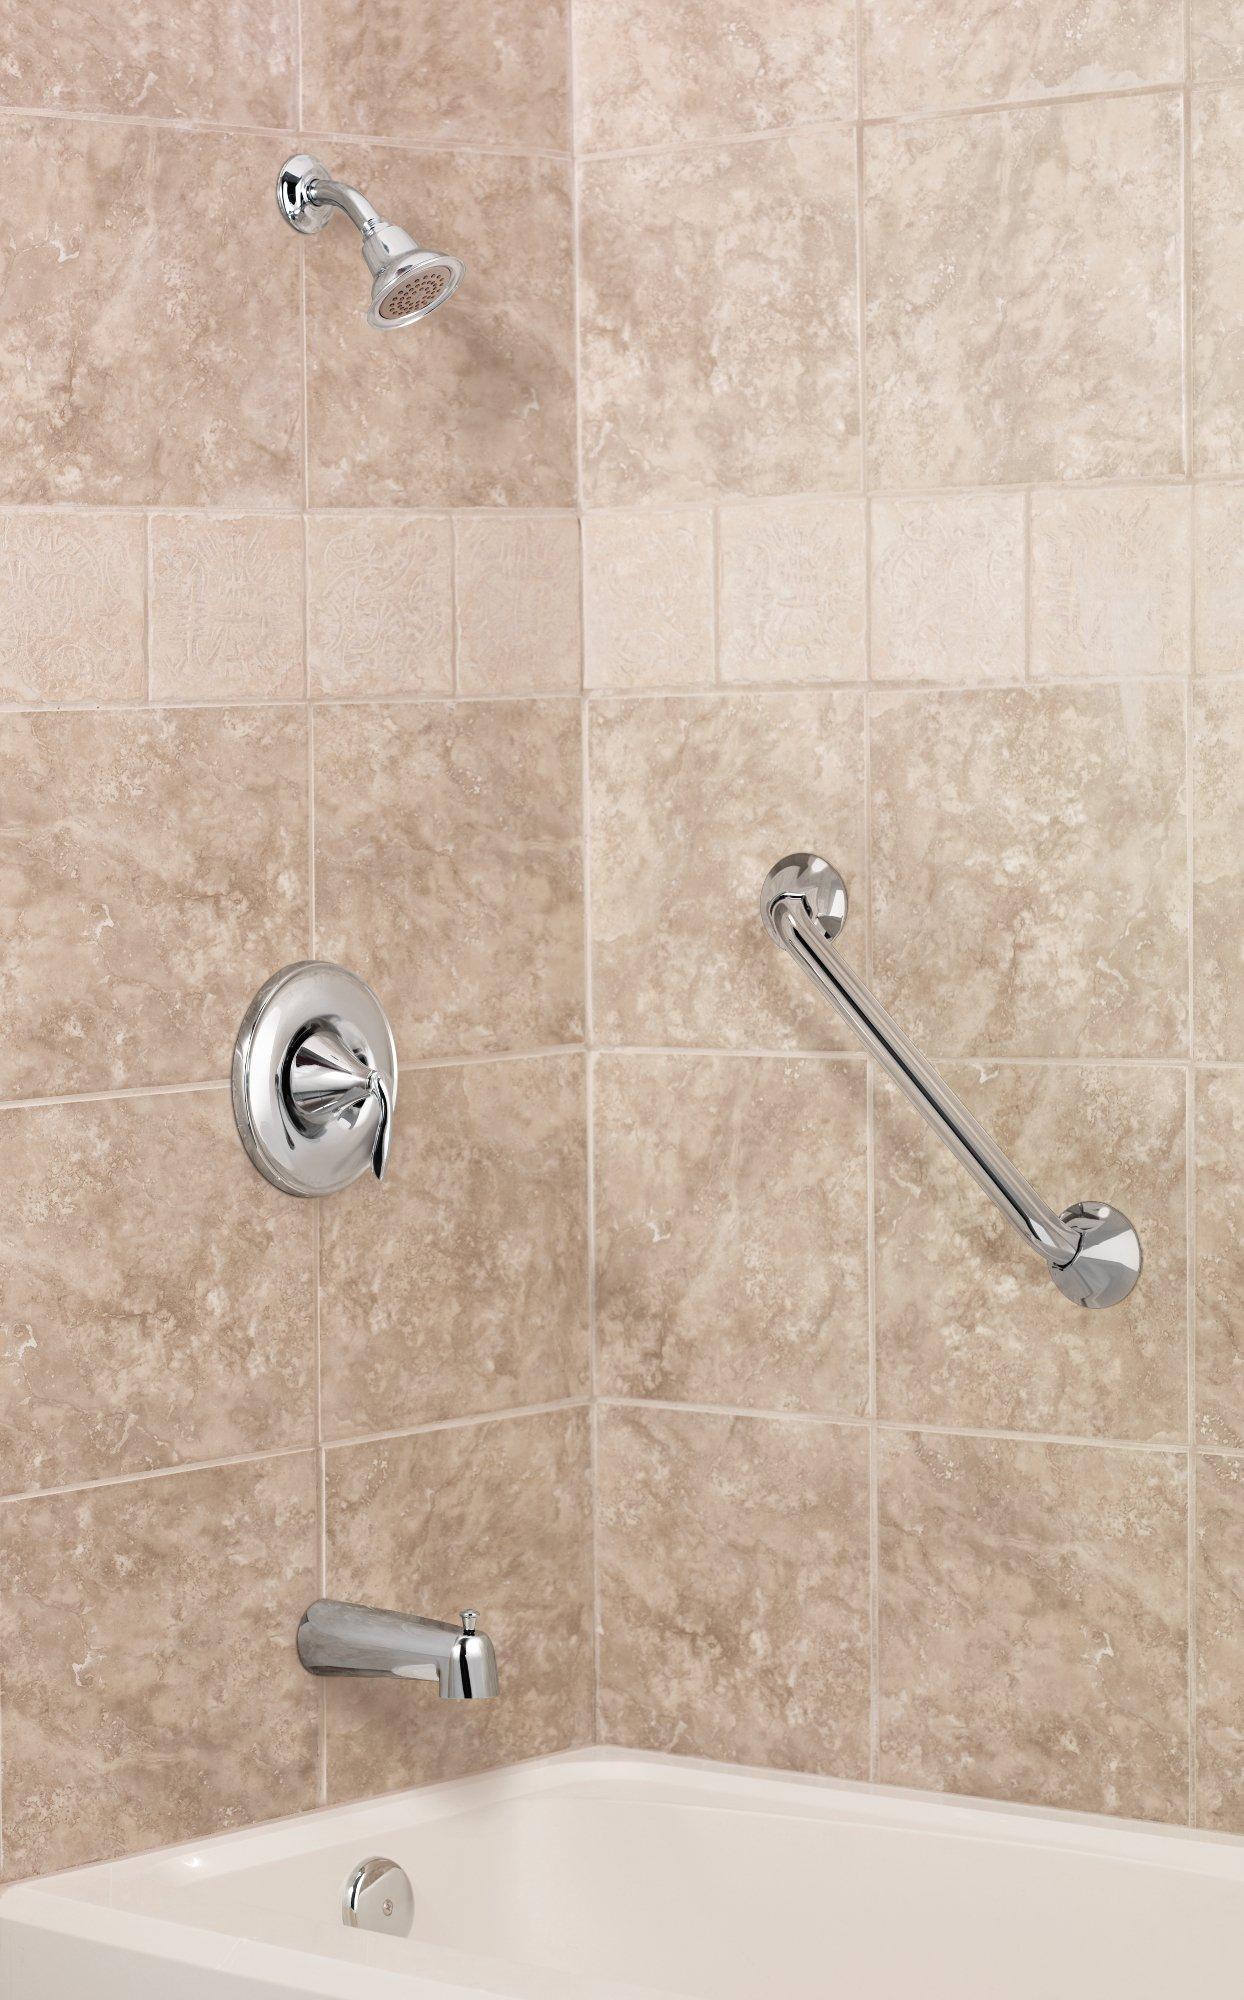 Moen T2131BN Eva PosiTemp Tub/Shower Valve Trim Kit without Valve, Brushed Nickel by Moen (Image #4)